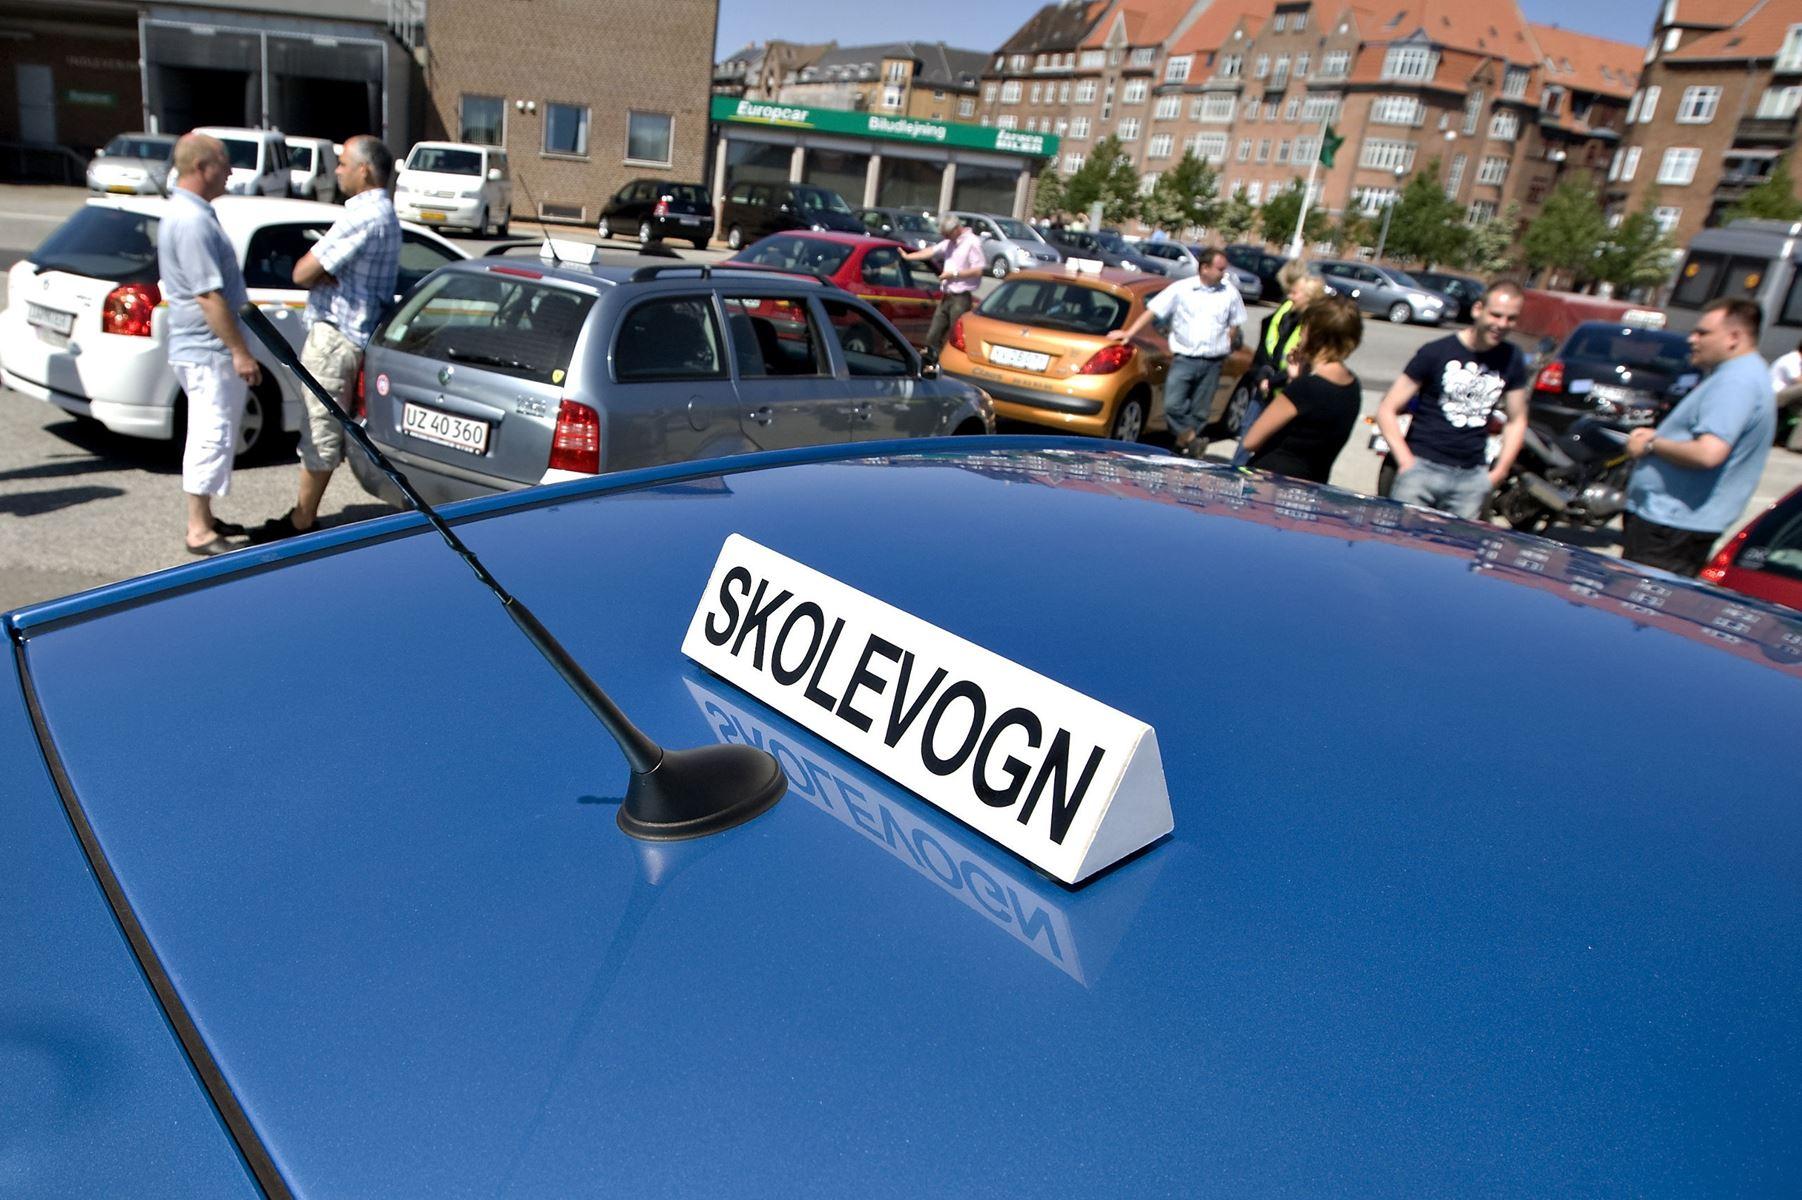 Langt de fleste bilister tror, de vil kunne bestå en køreprøve uden forberedelse. En test viser det modsatte.